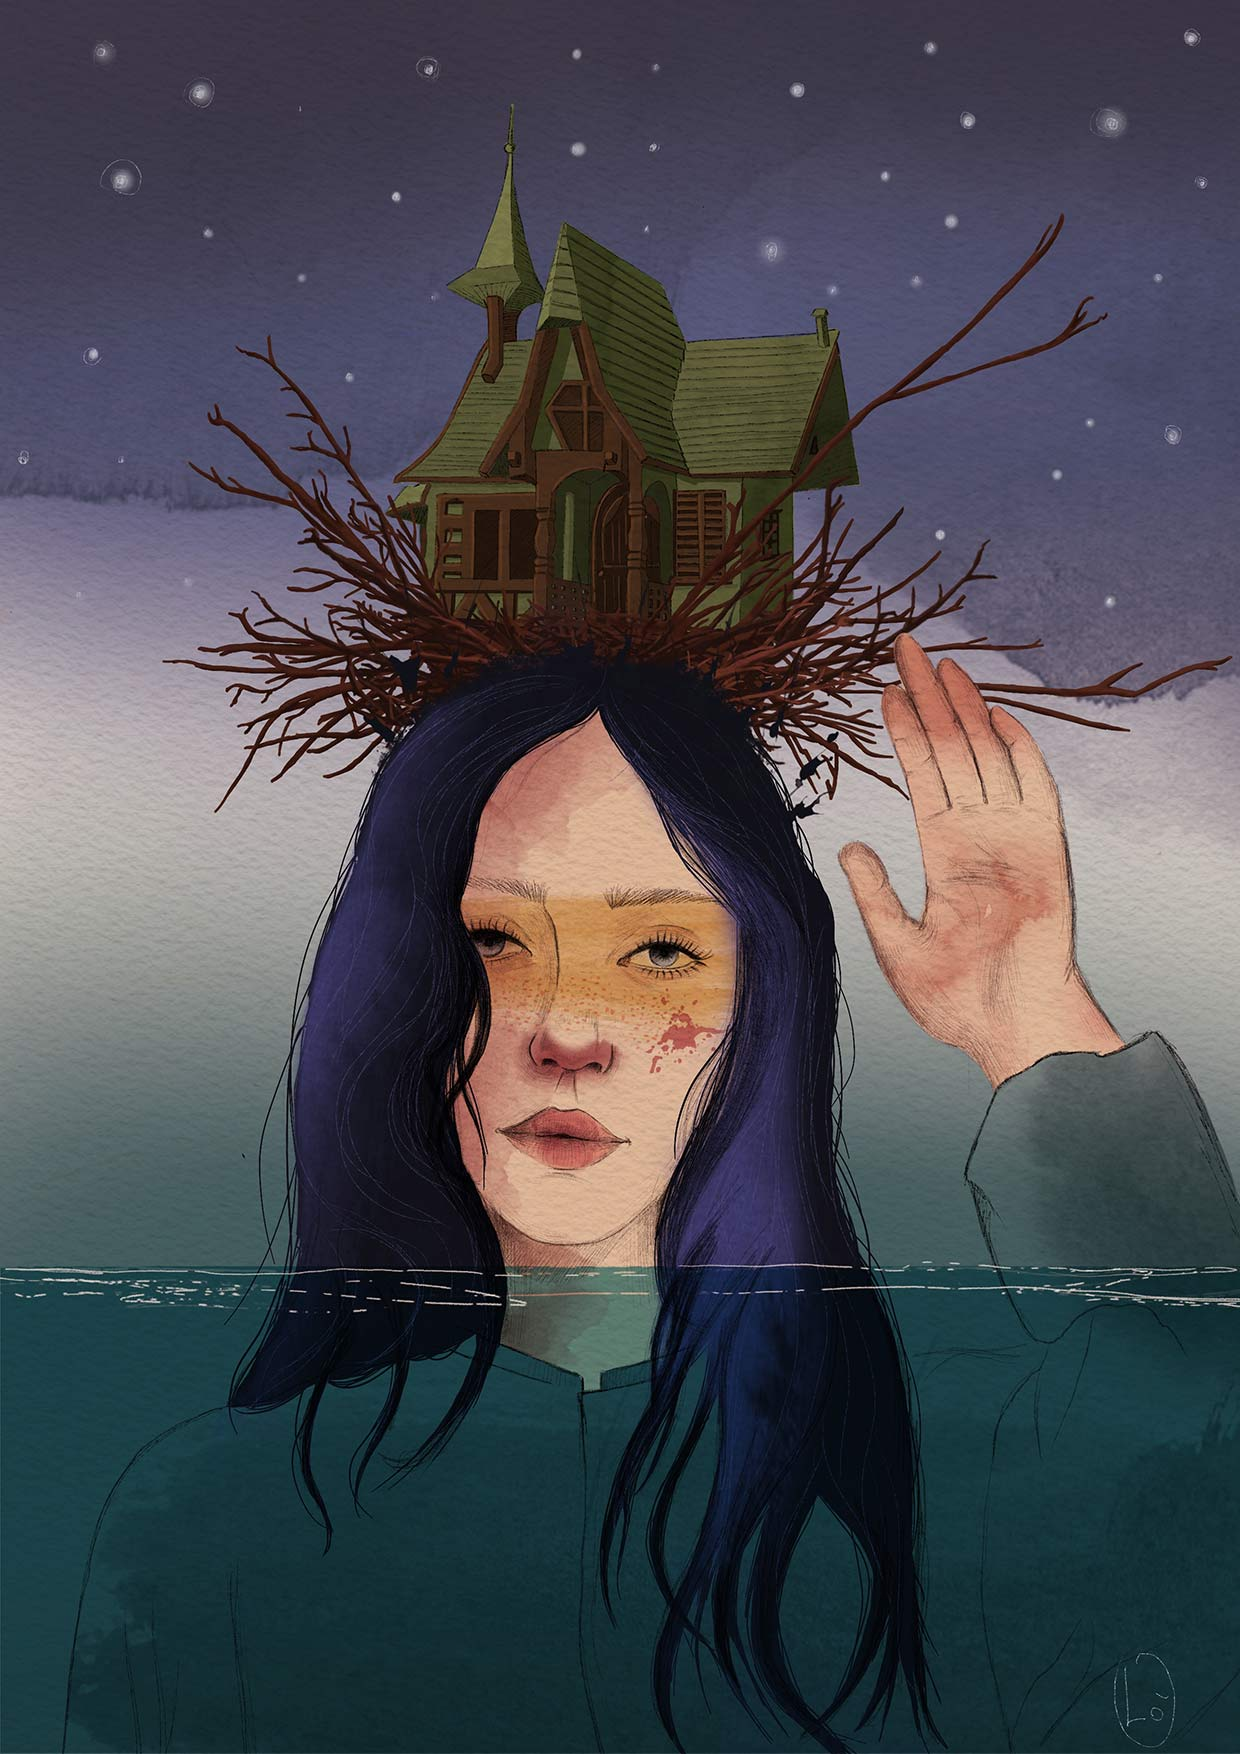 Ritratto di ragazza dai capelli neri e viola con una casa nido sulla testa